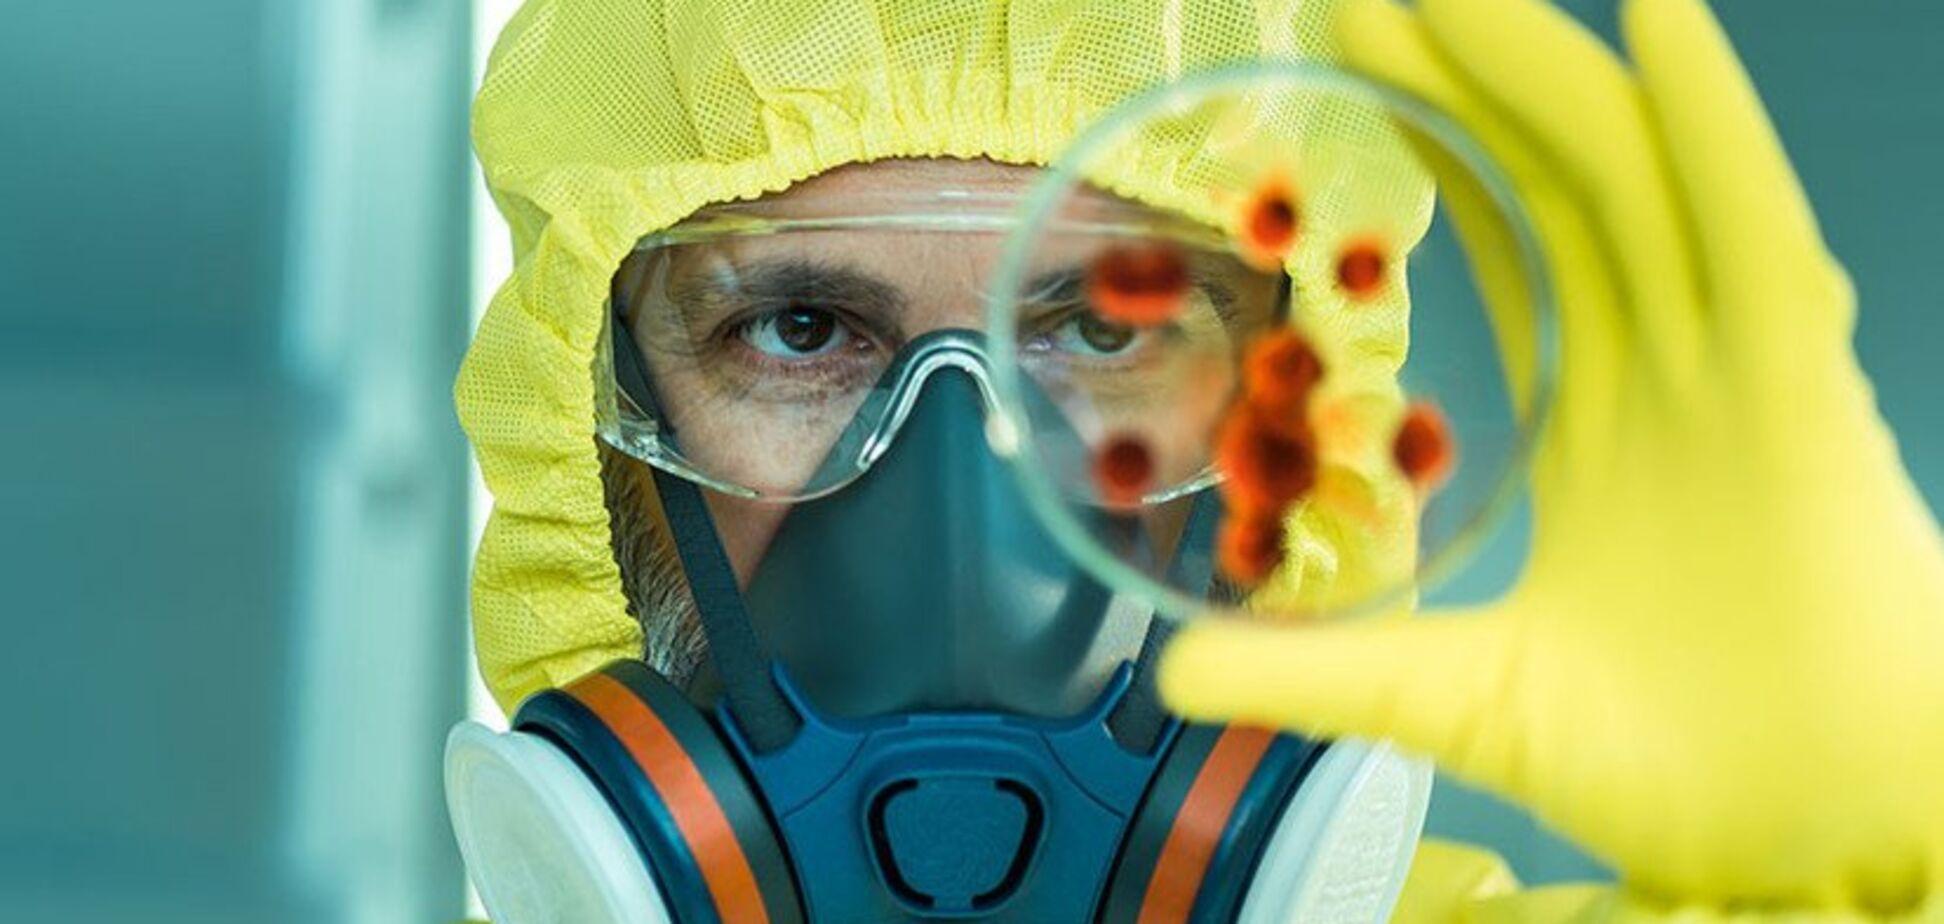 Биоматериалы россиян выкрадены, биооружие создано